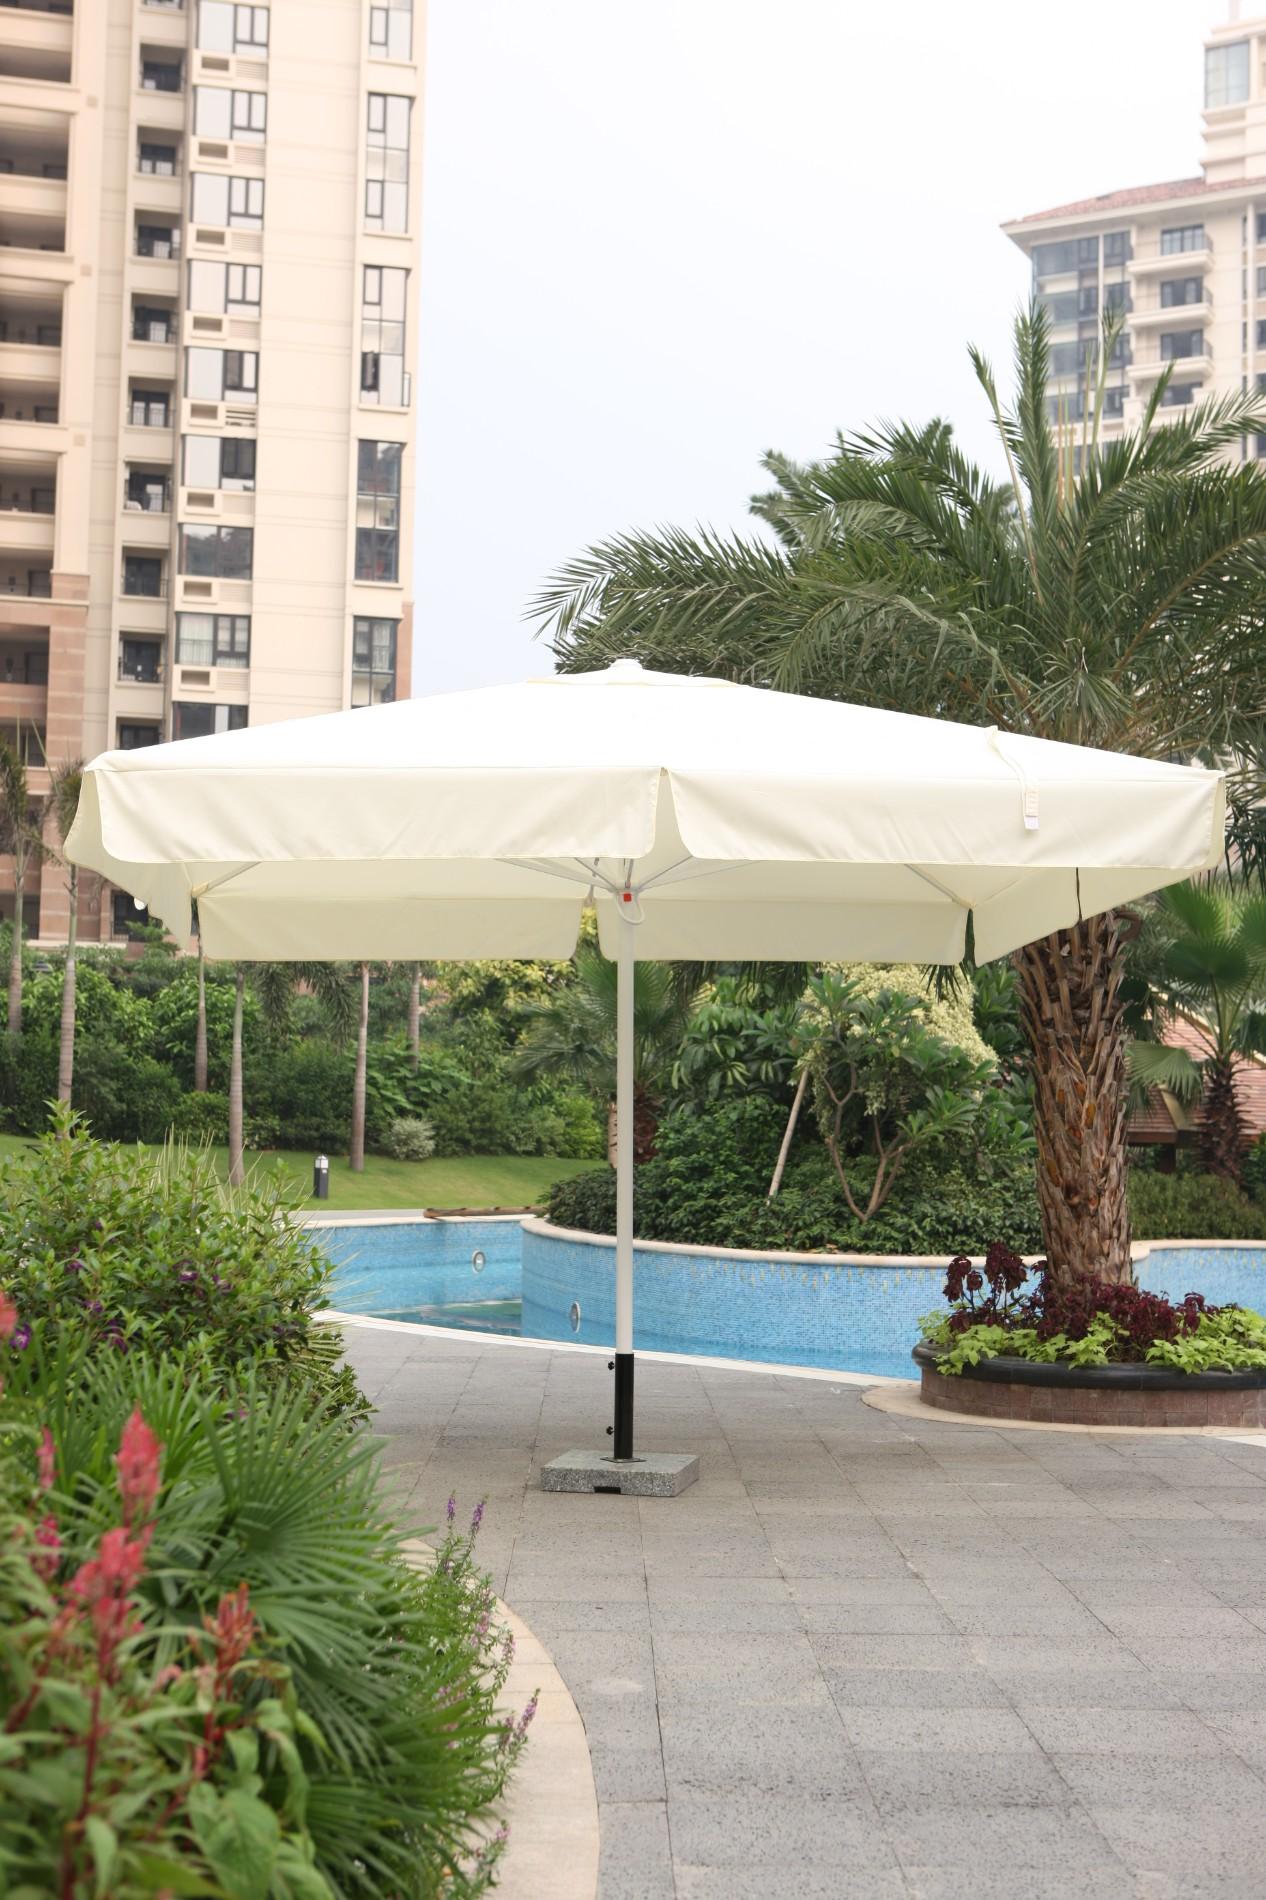 beach garden outdoor umbrella parasol Manufacturers, beach garden outdoor umbrella parasol Factory, Supply beach garden outdoor umbrella parasol